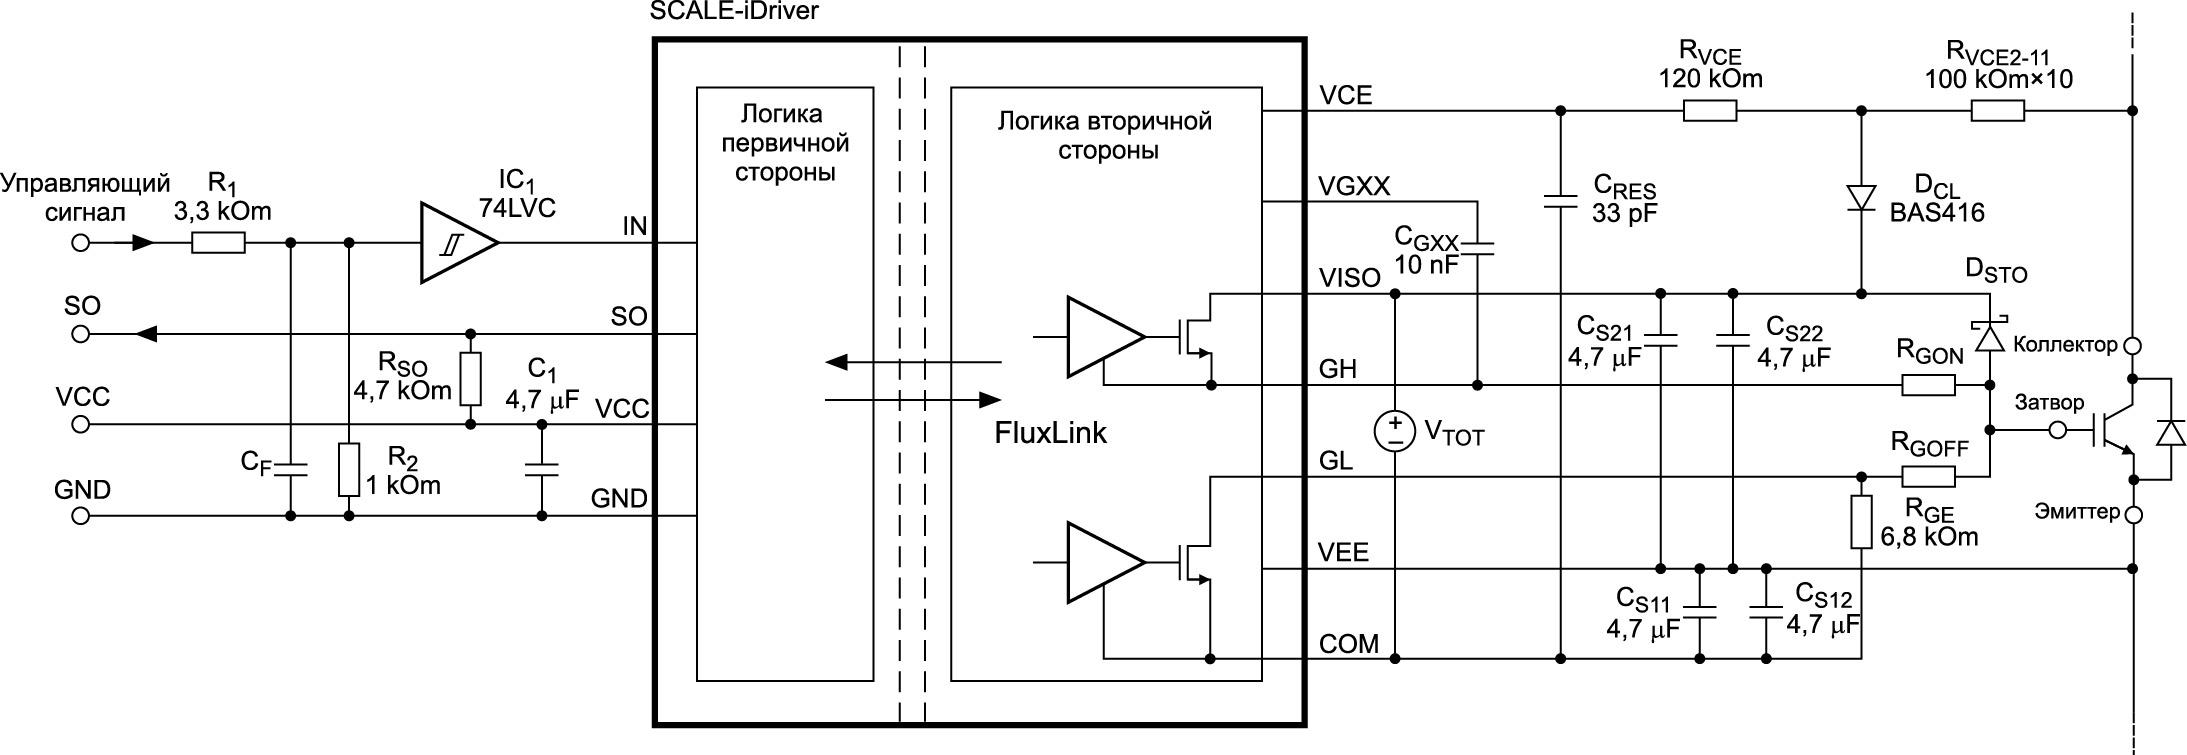 Пример практической схемы включения с использованием резистивного метода определения состояния КЗ